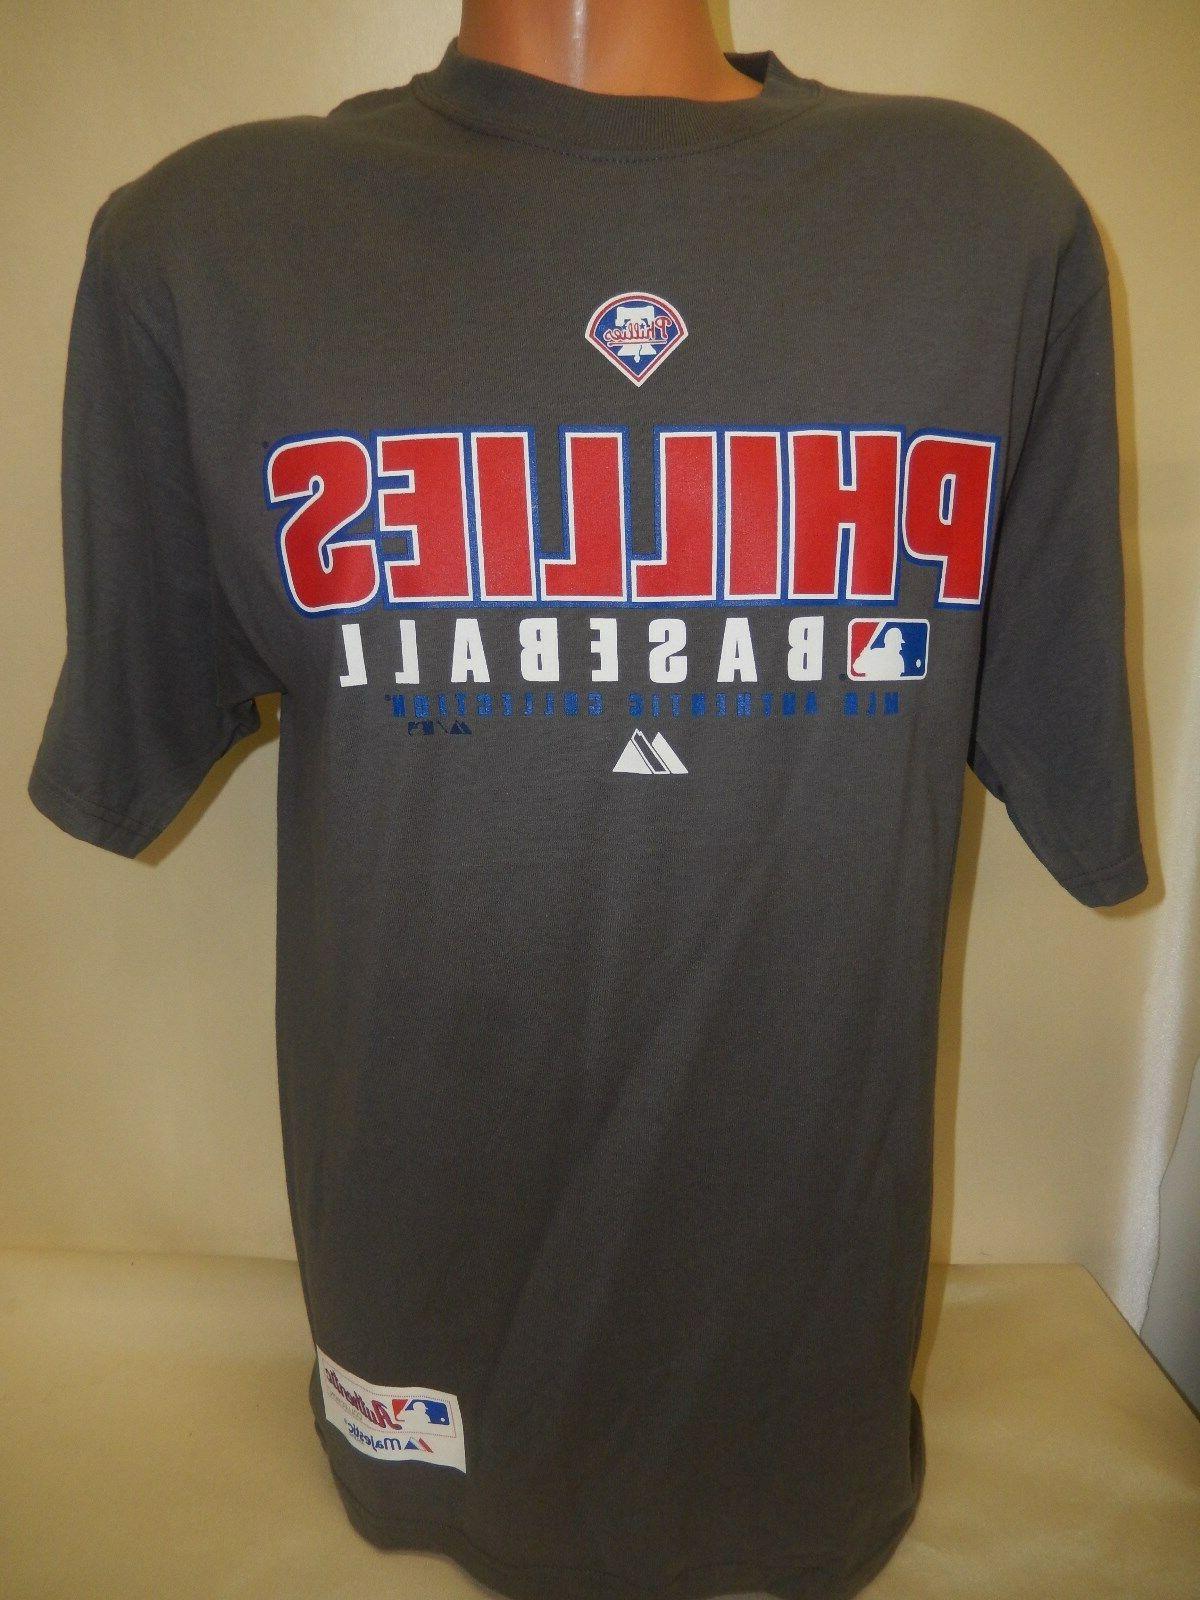 9601 57 philadelphia phillies authentic jersey game